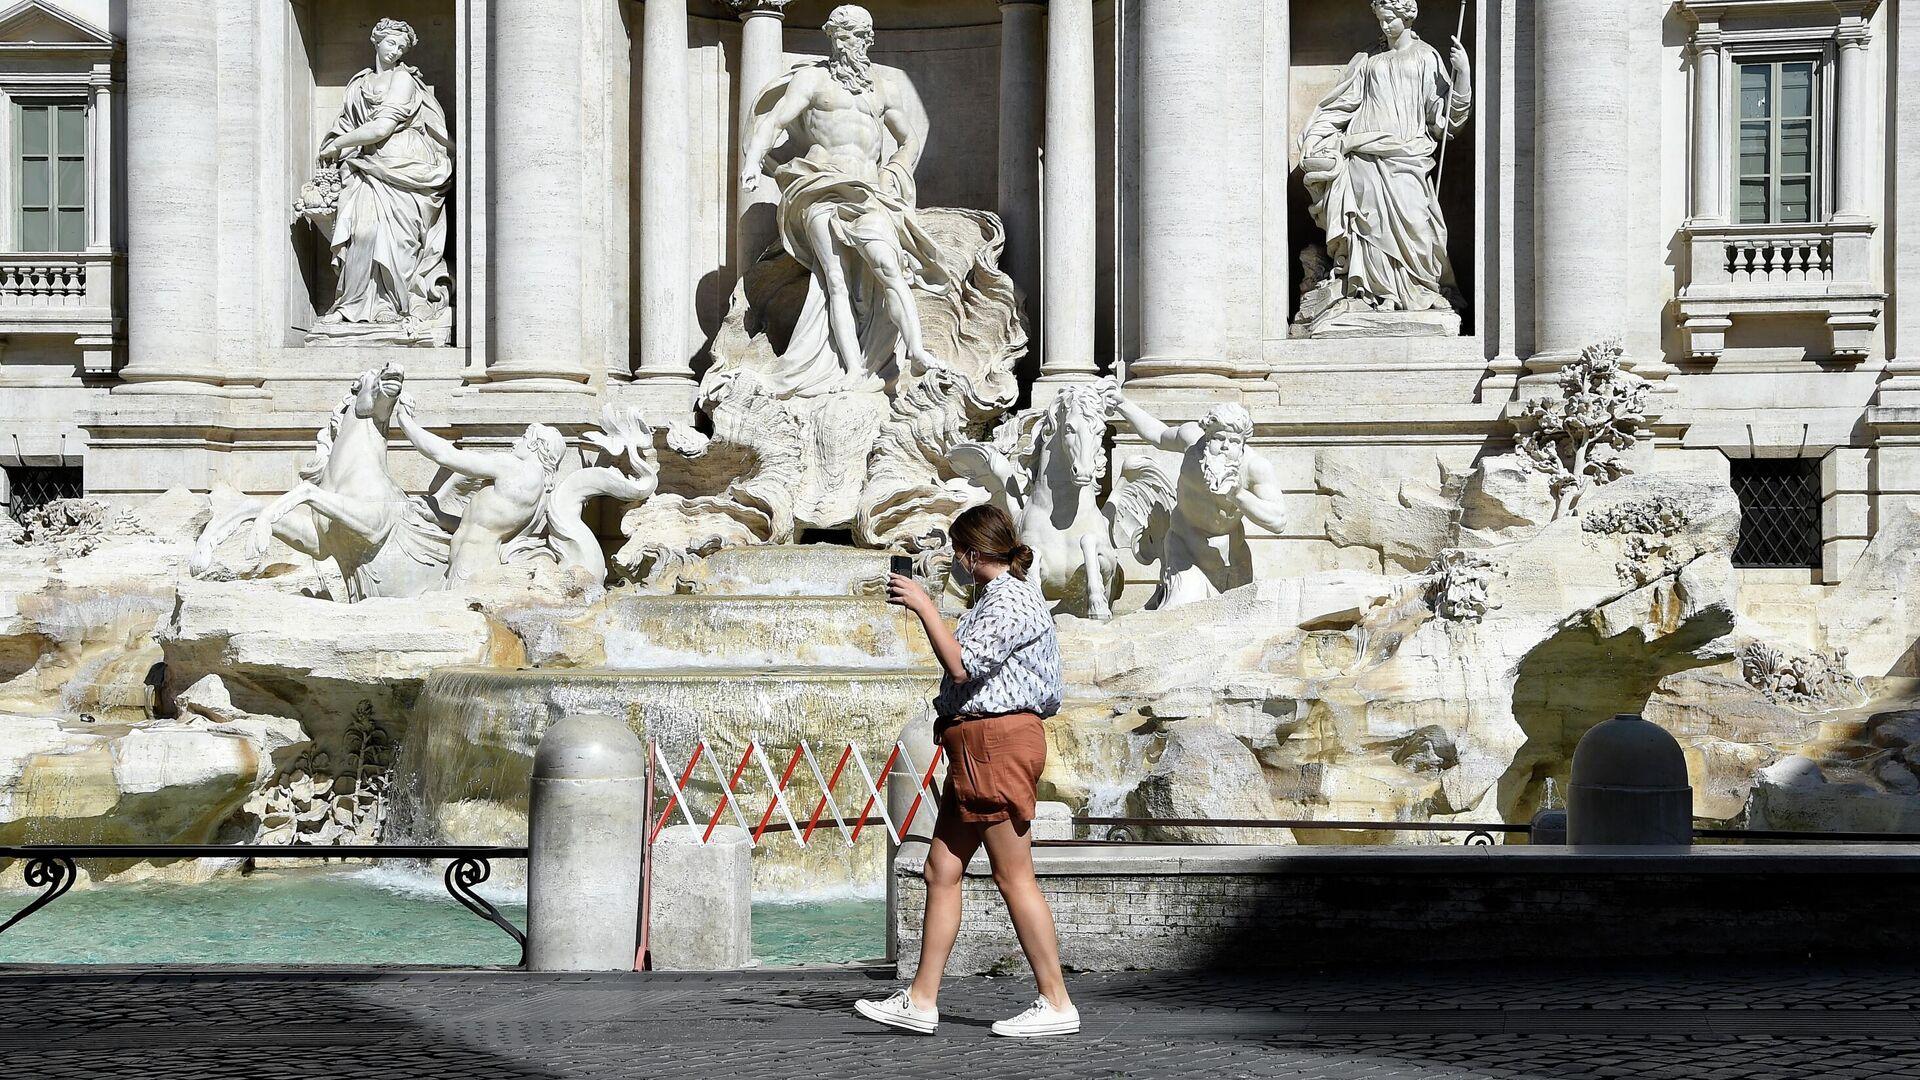 Девушка у фонтана Треви в Риме - РИА Новости, 1920, 06.04.2021